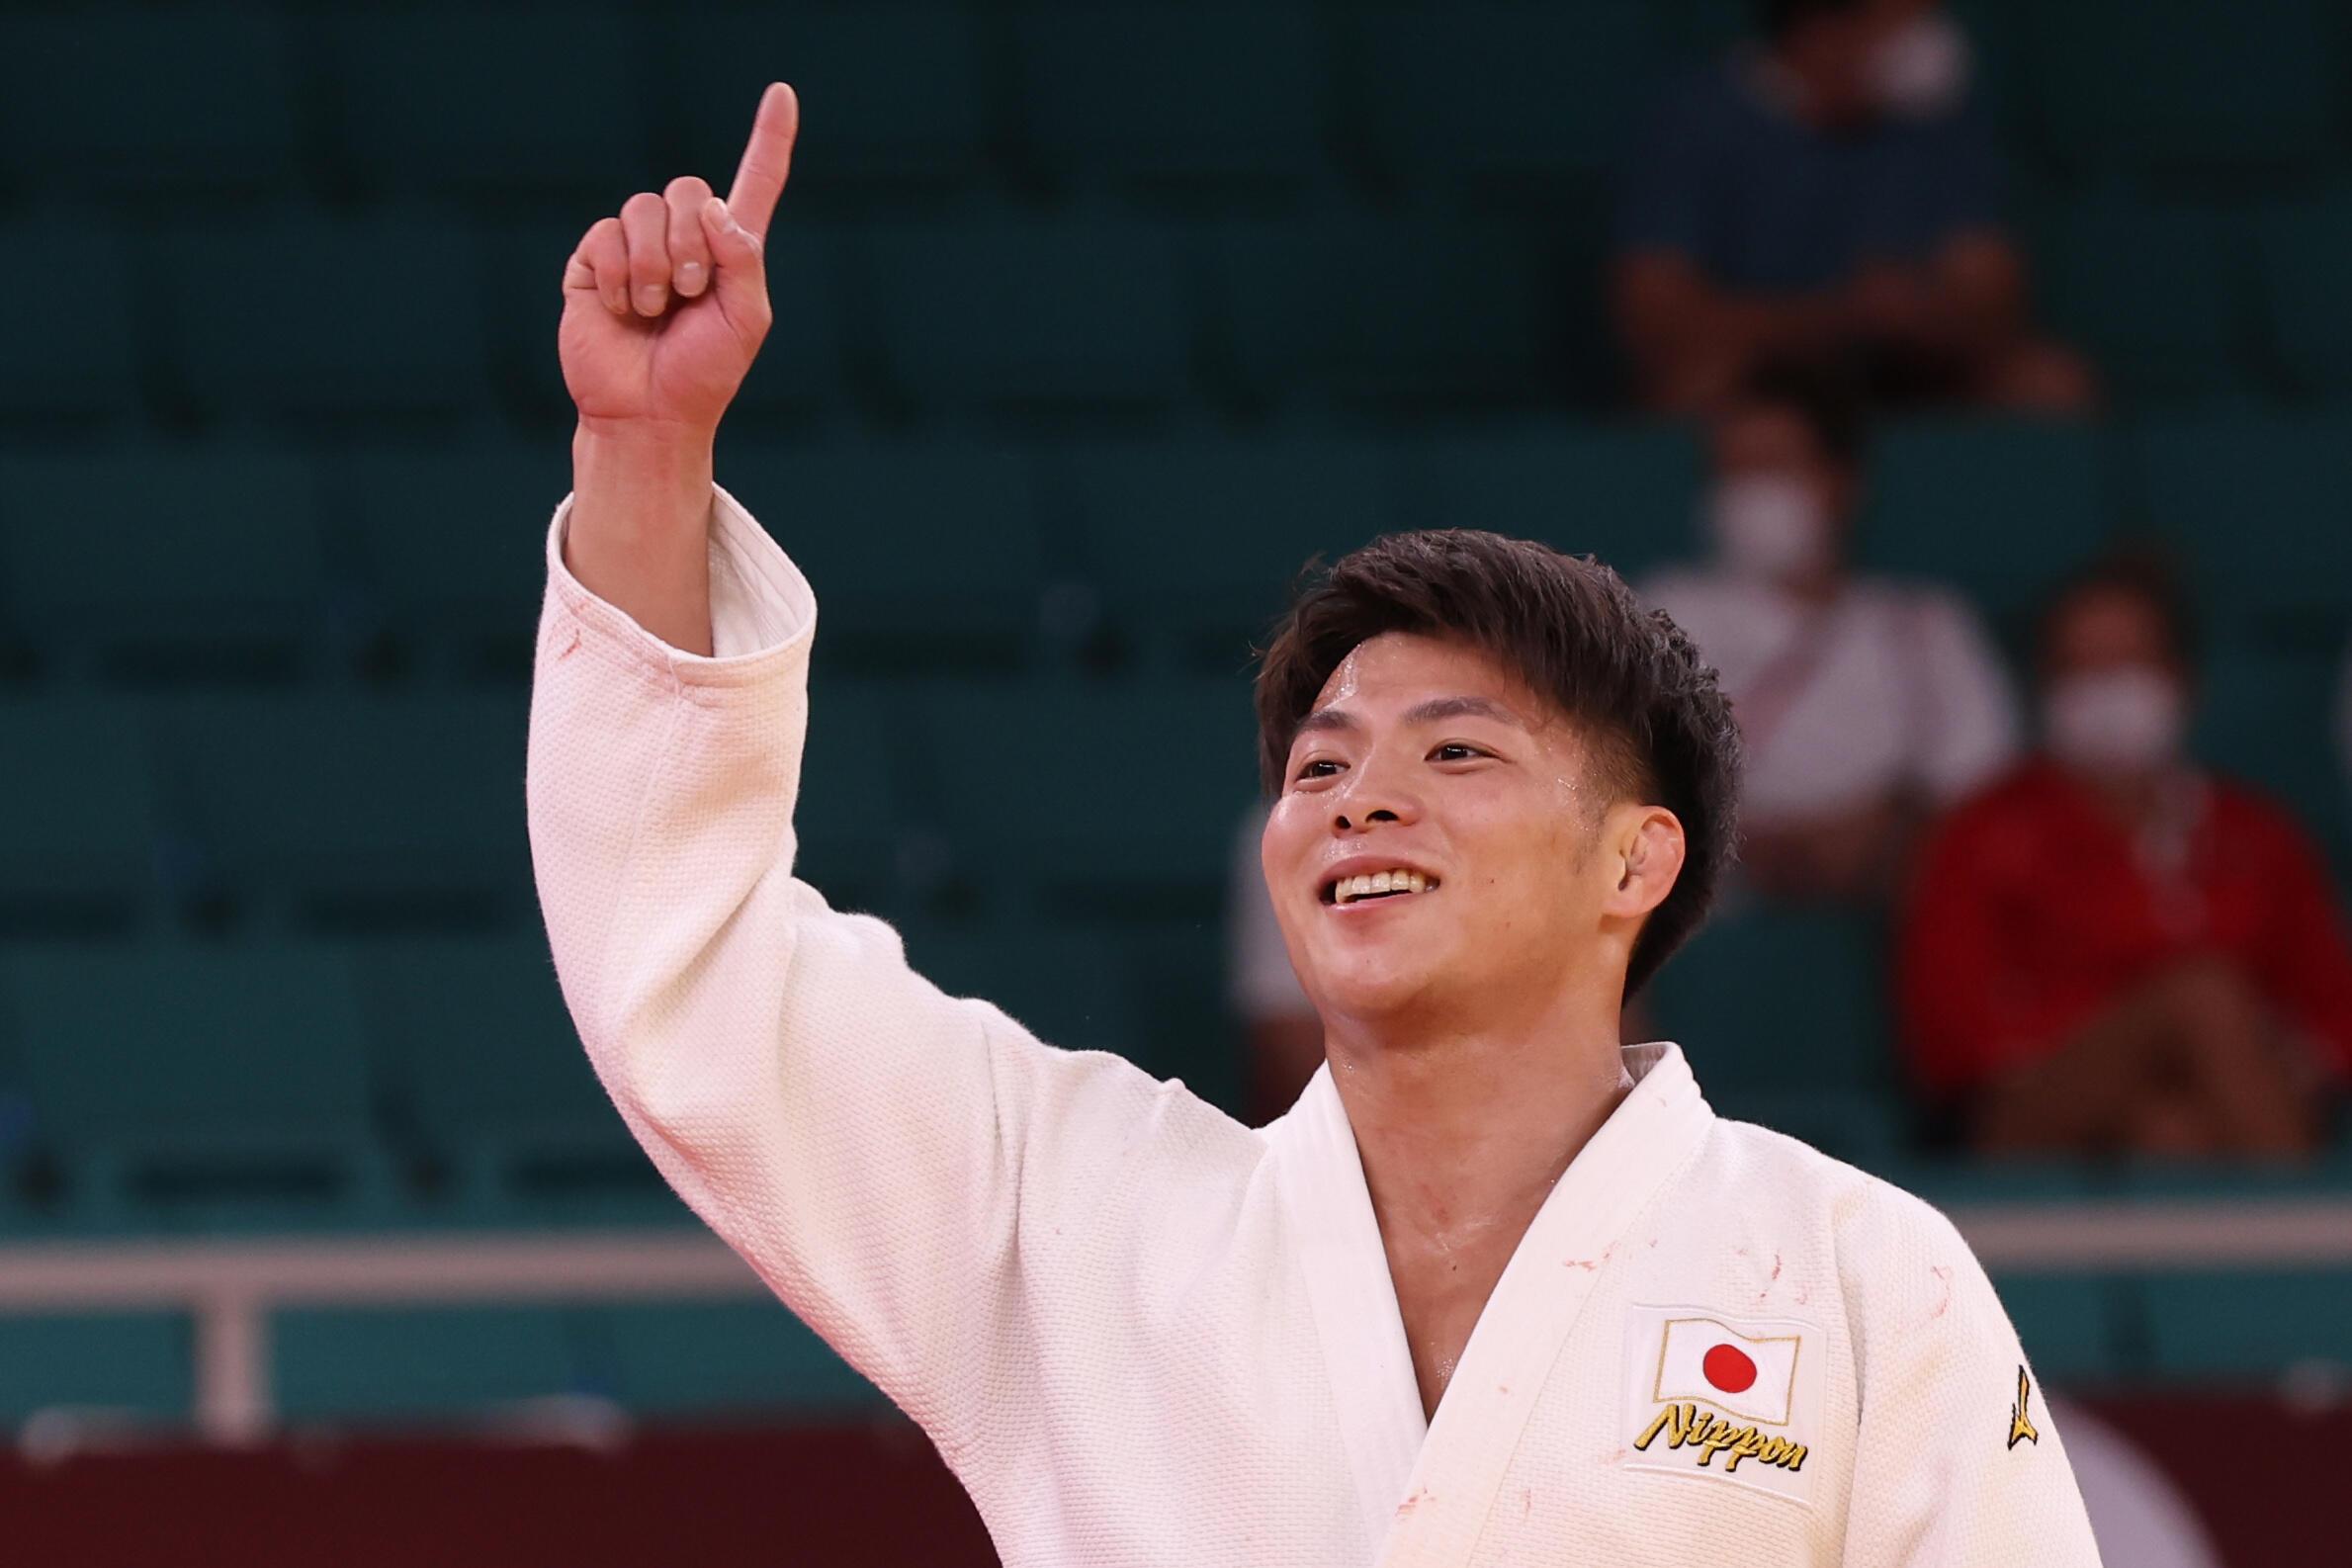 La joie du Japonais Hifumi Abe, champion olympique après sa victoire en finale (-66 kg) face au Géorgien Vazha Margvelashvili, lors des Jeux Olympiques de Tokyo 2020, le 25 juillet 2021